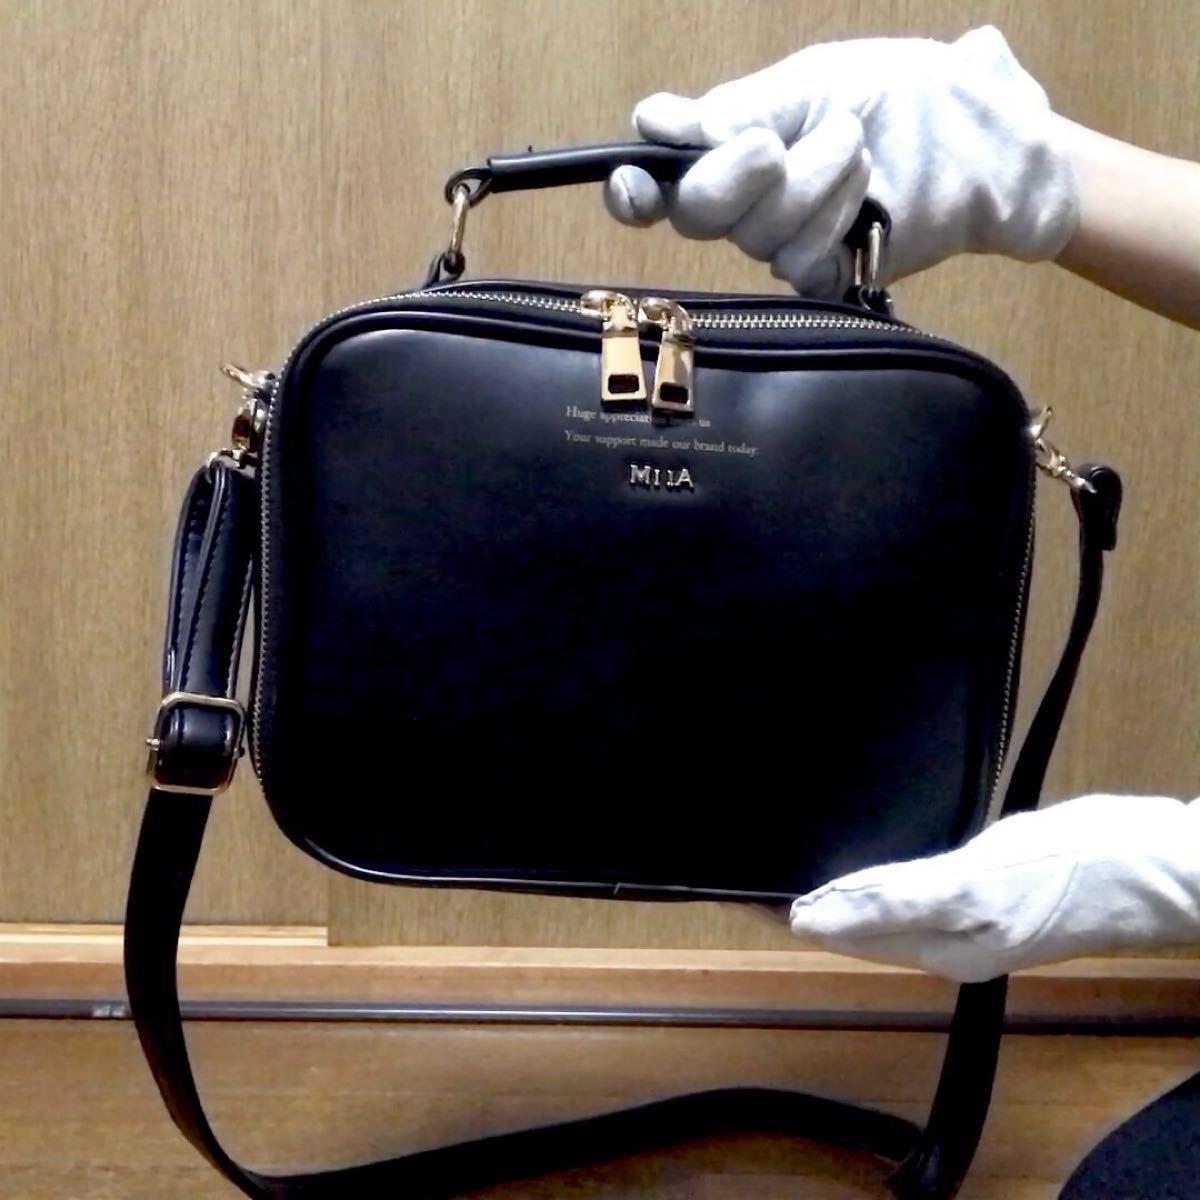 未使用 MIIA ボックス バッグ/ミーア 黒 ブラック ゴールド 鞄 ハンドバッグ ショルダーバッグ 2way スムース調